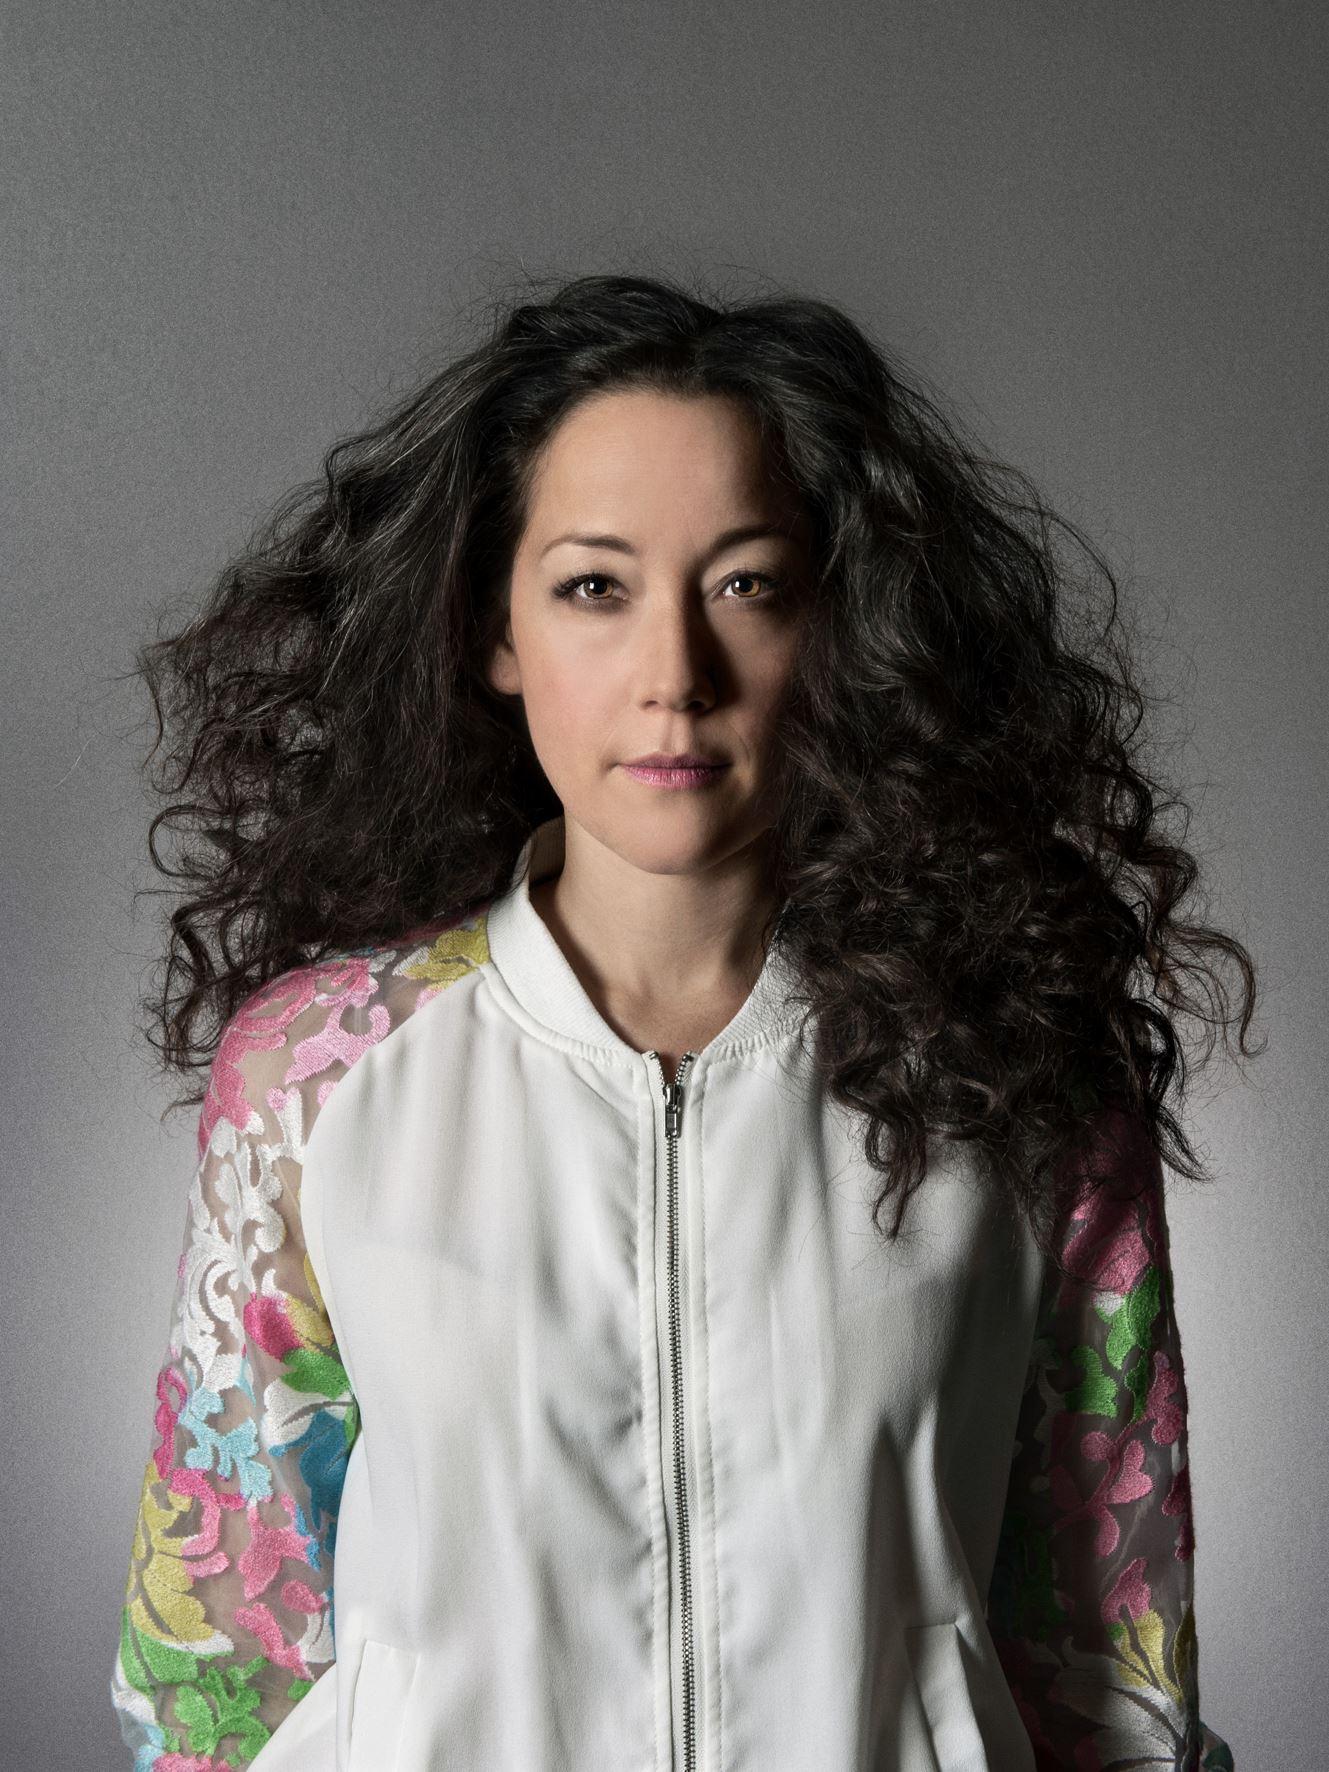 Scensommar: Maia Hirasawa